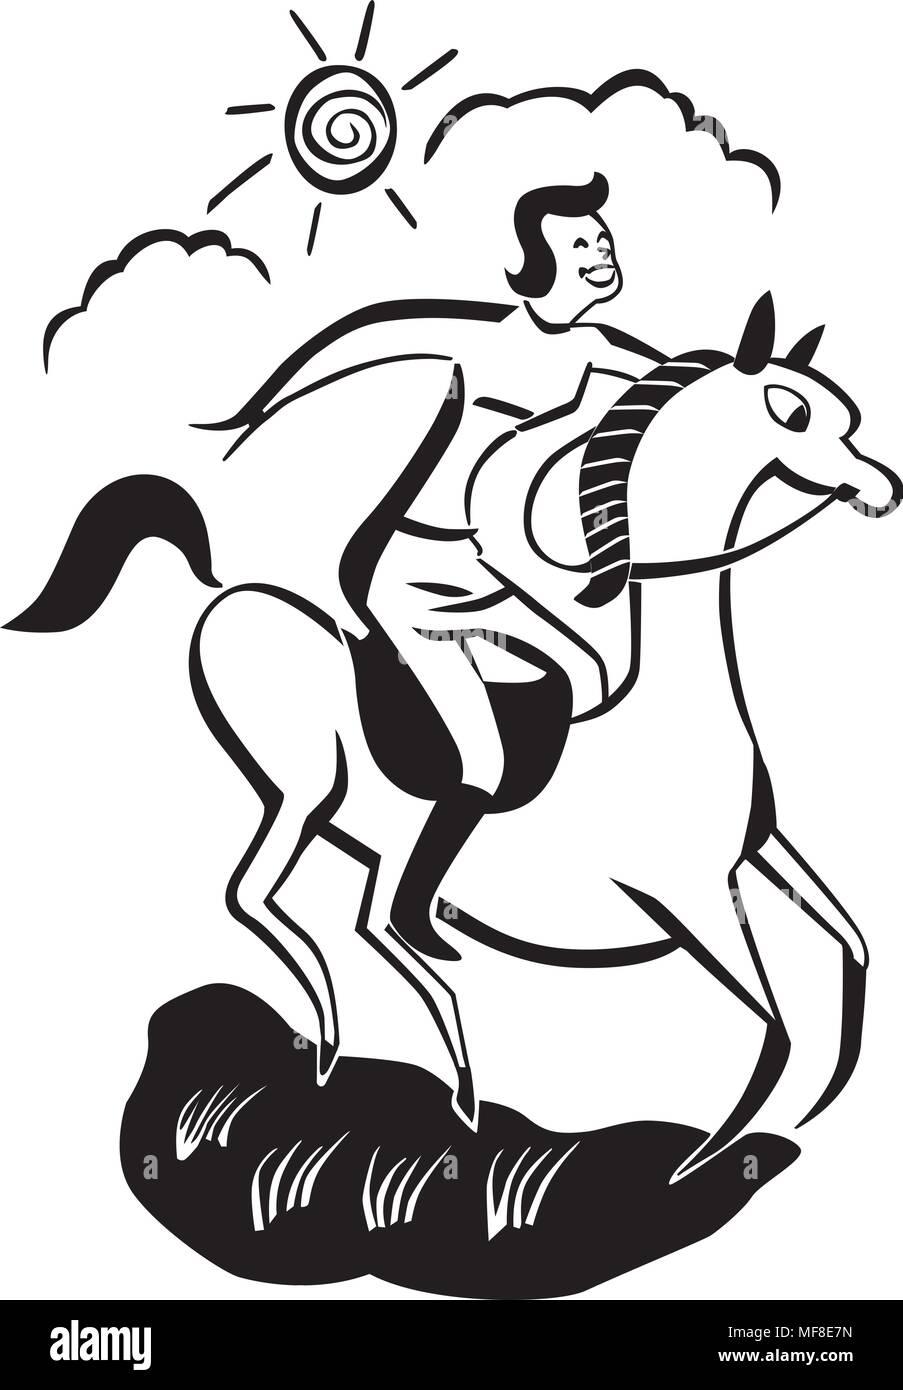 medium resolution of horseback rider retro clipart illustration stock vector